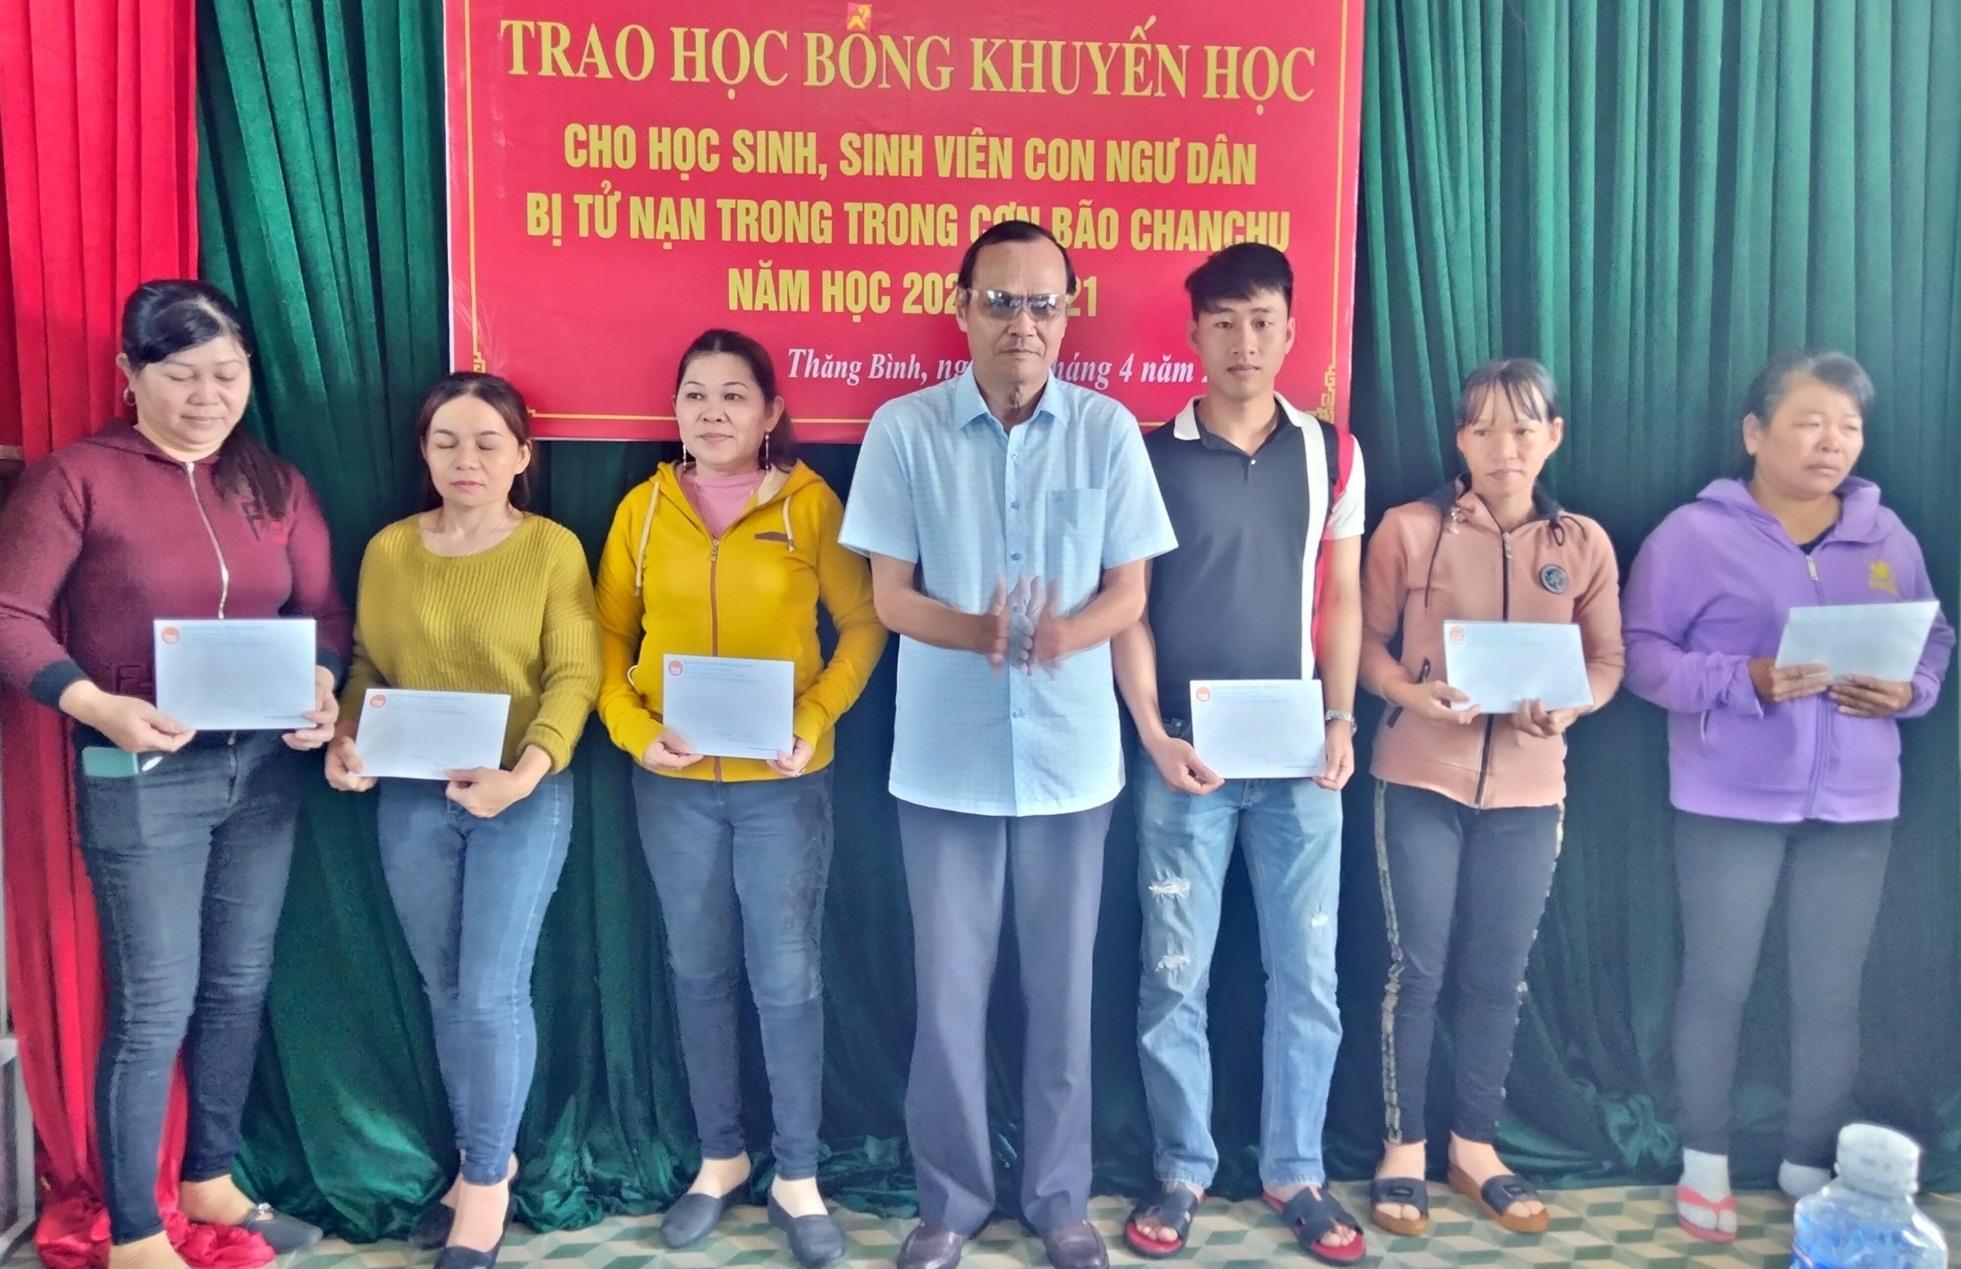 ội Khuyến học Quảng Nam trao học bổng cho các em học sinh con ngư dân bị tử nạn trong bão Chanchu năm học 2020-2021.